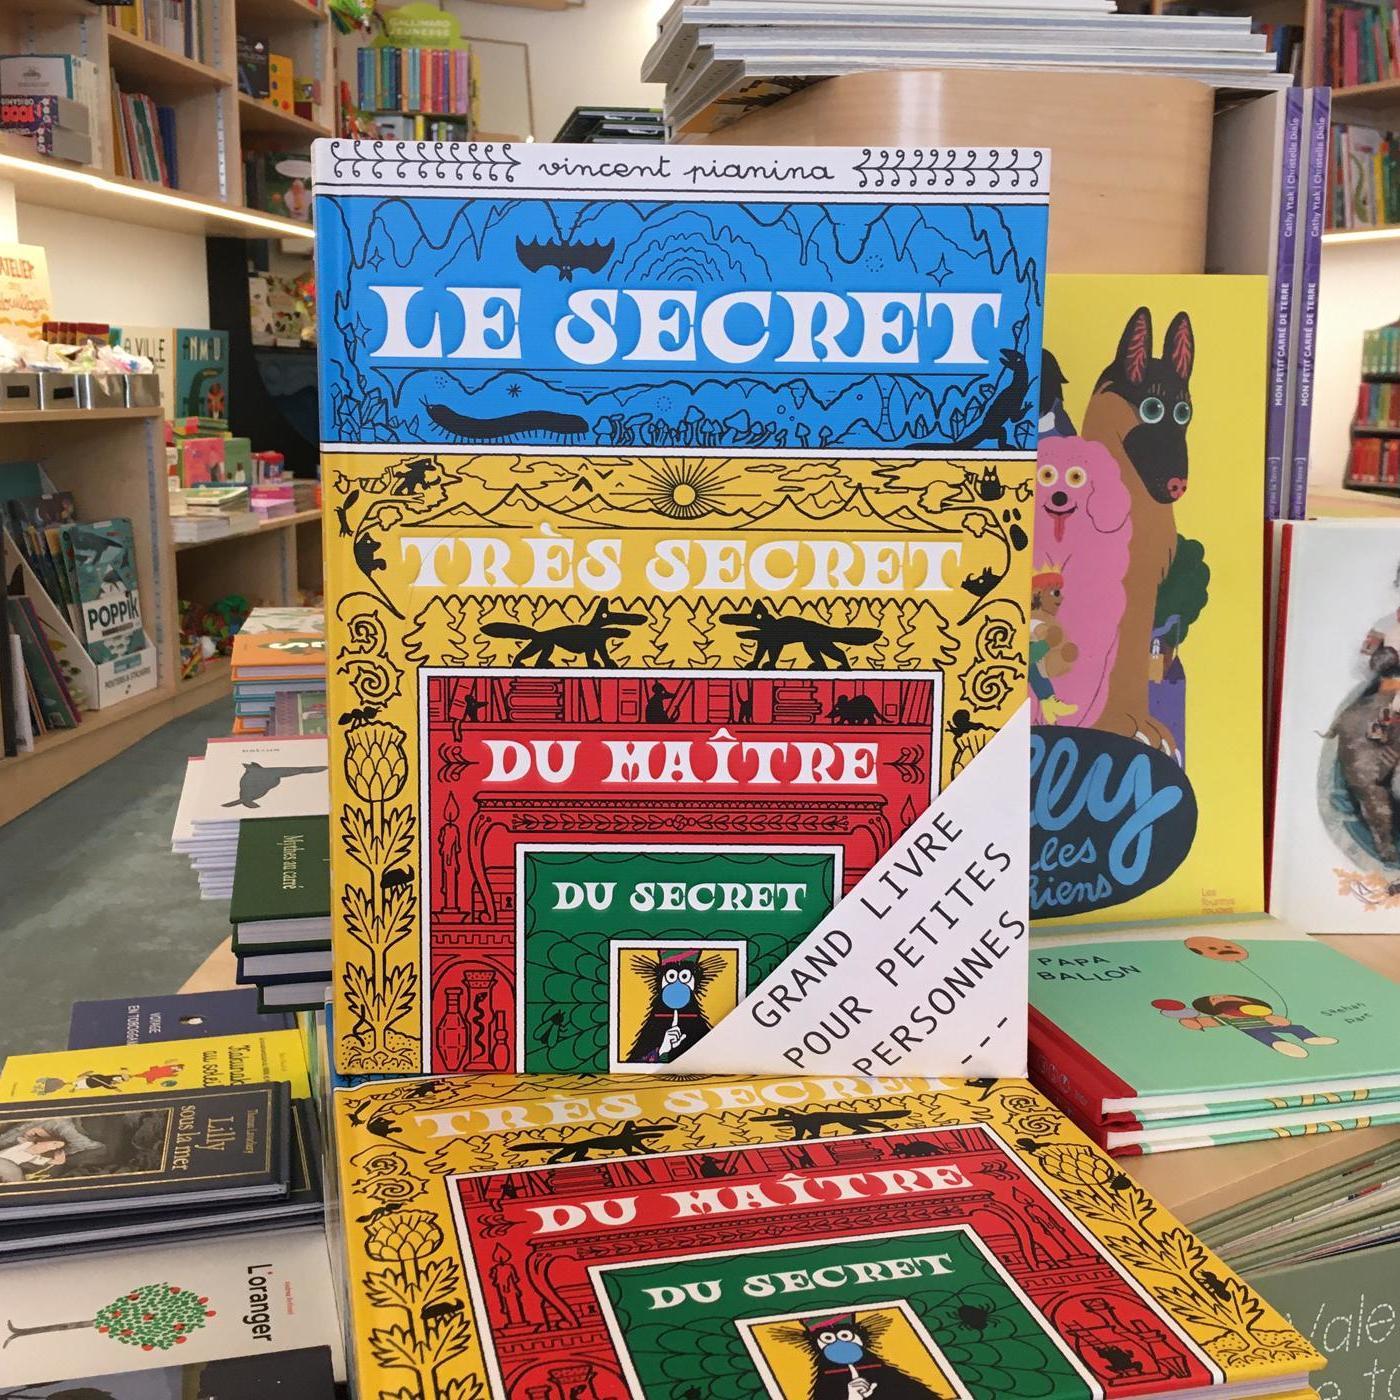 Grands livres pour petites personnes #29 - Le secret très secret du maître du secret